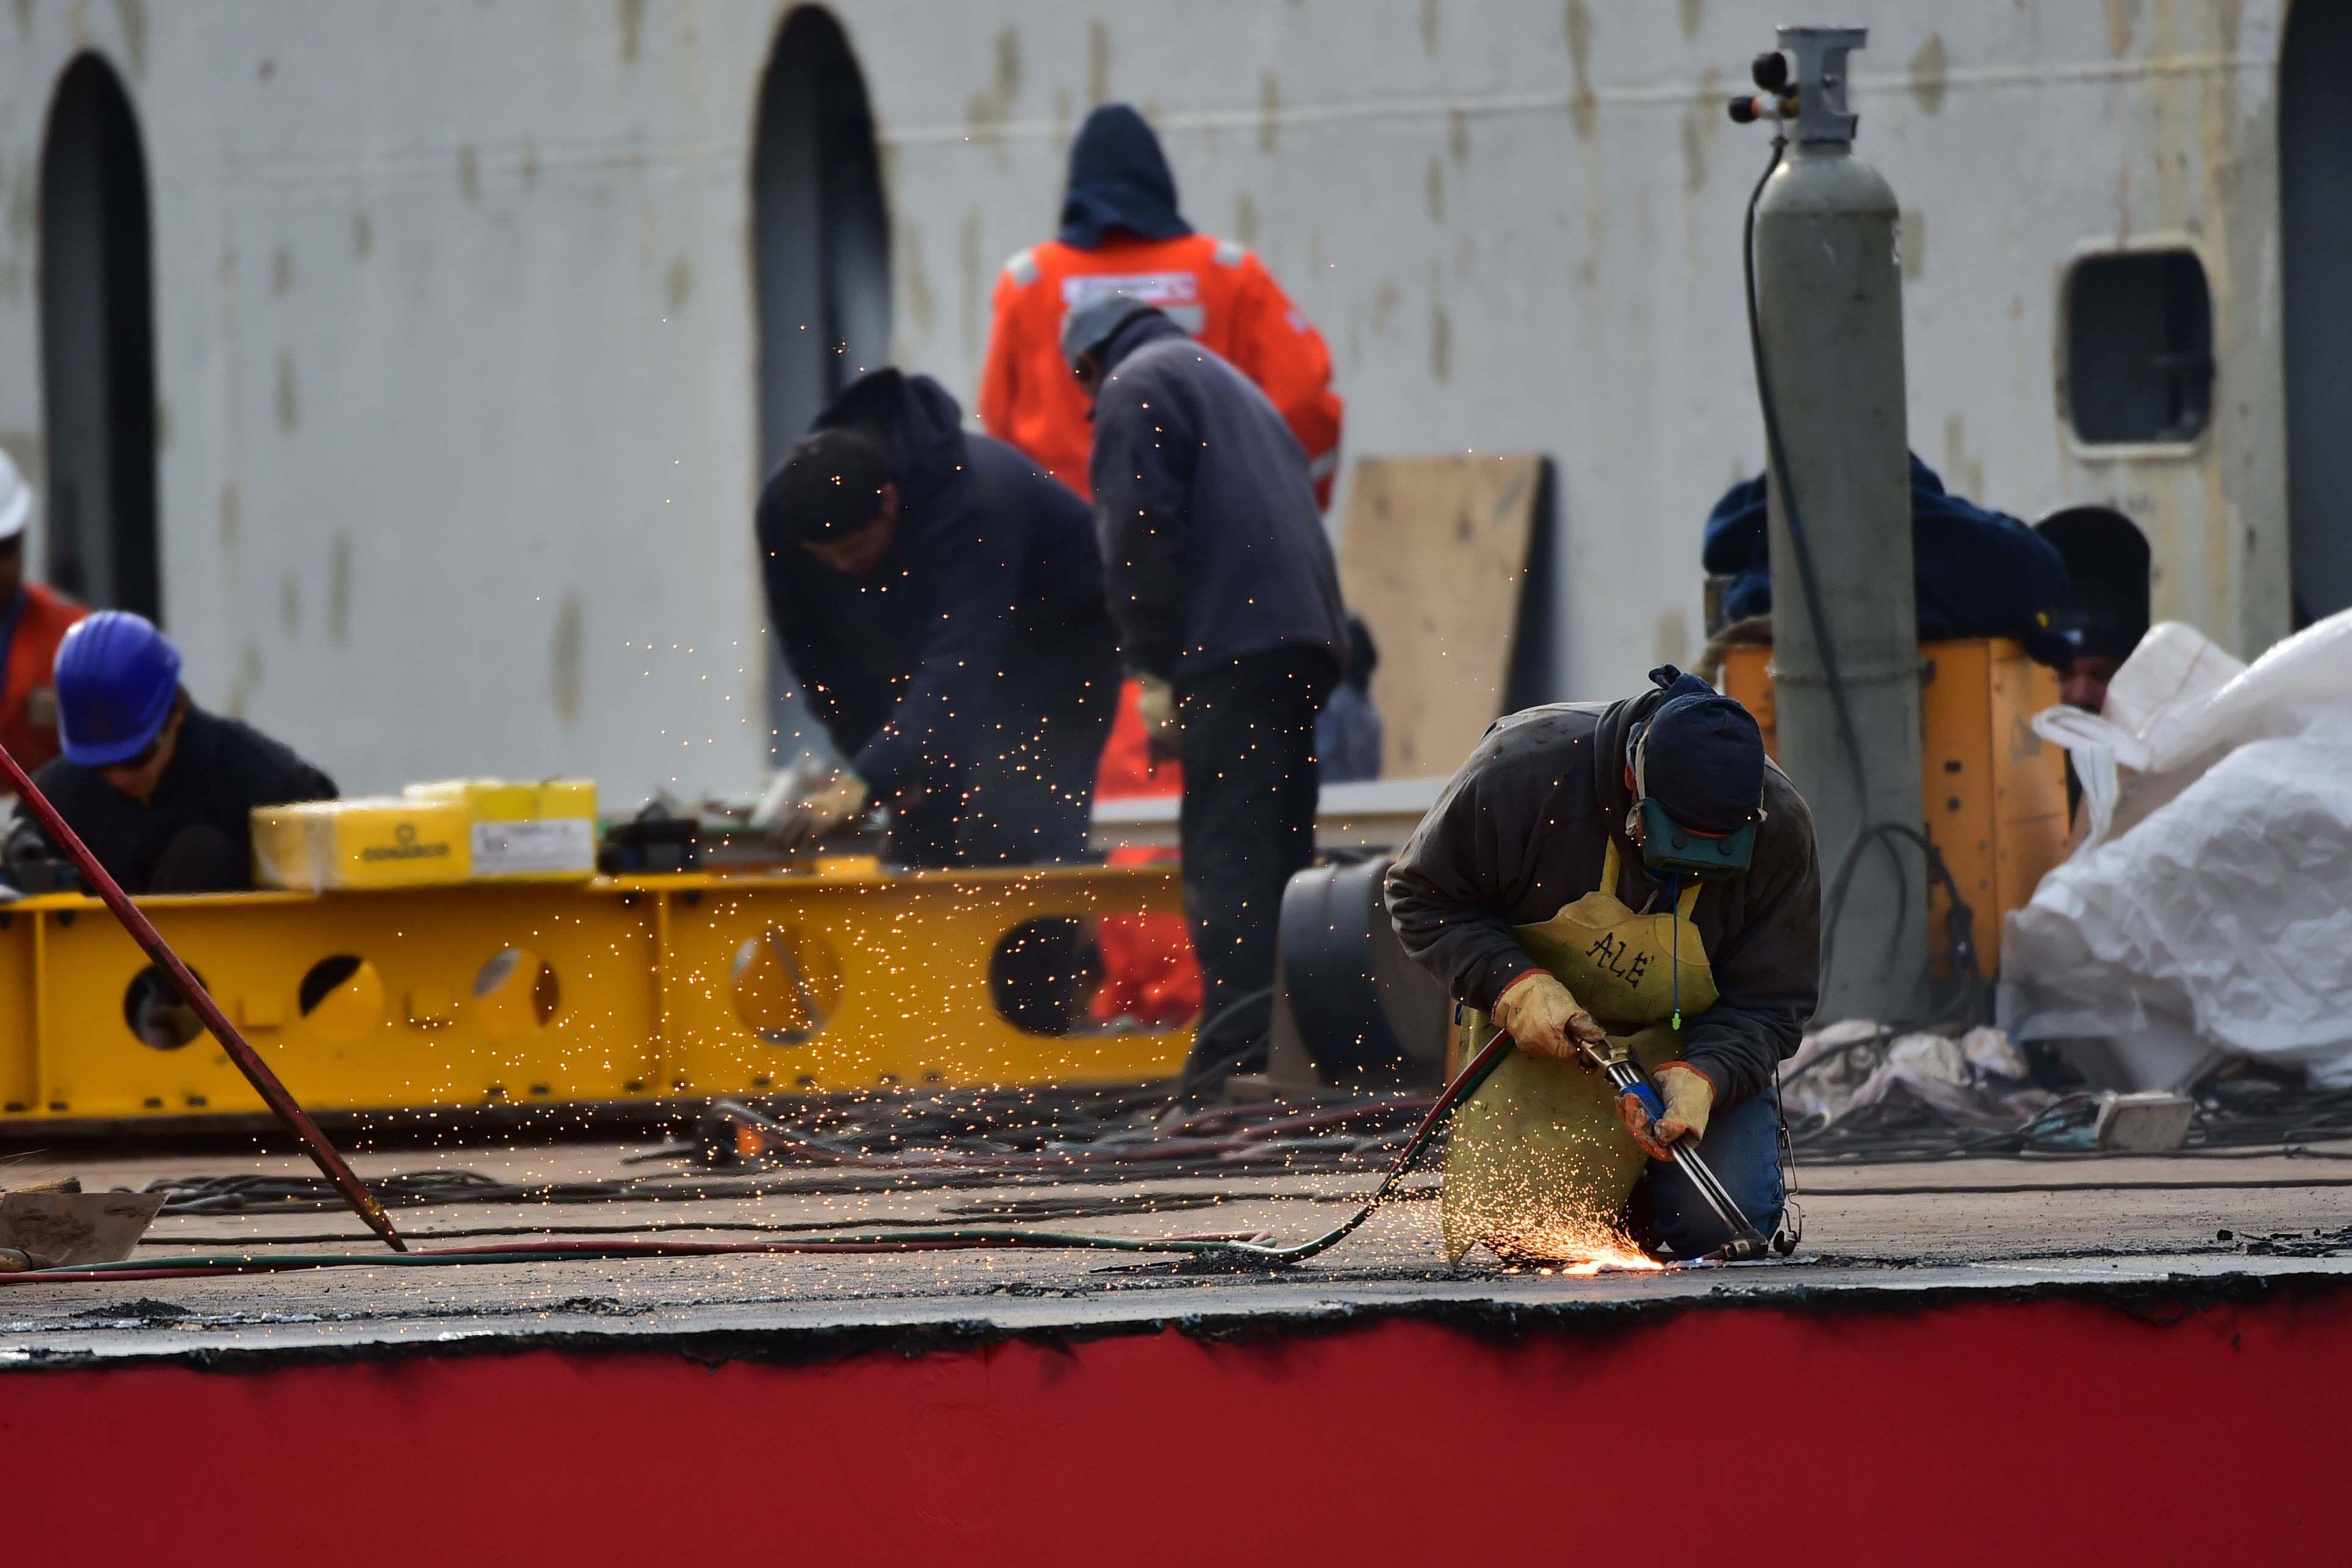 Enviarán dos médicos en el mini submarino de EEUU a la zona de rescate